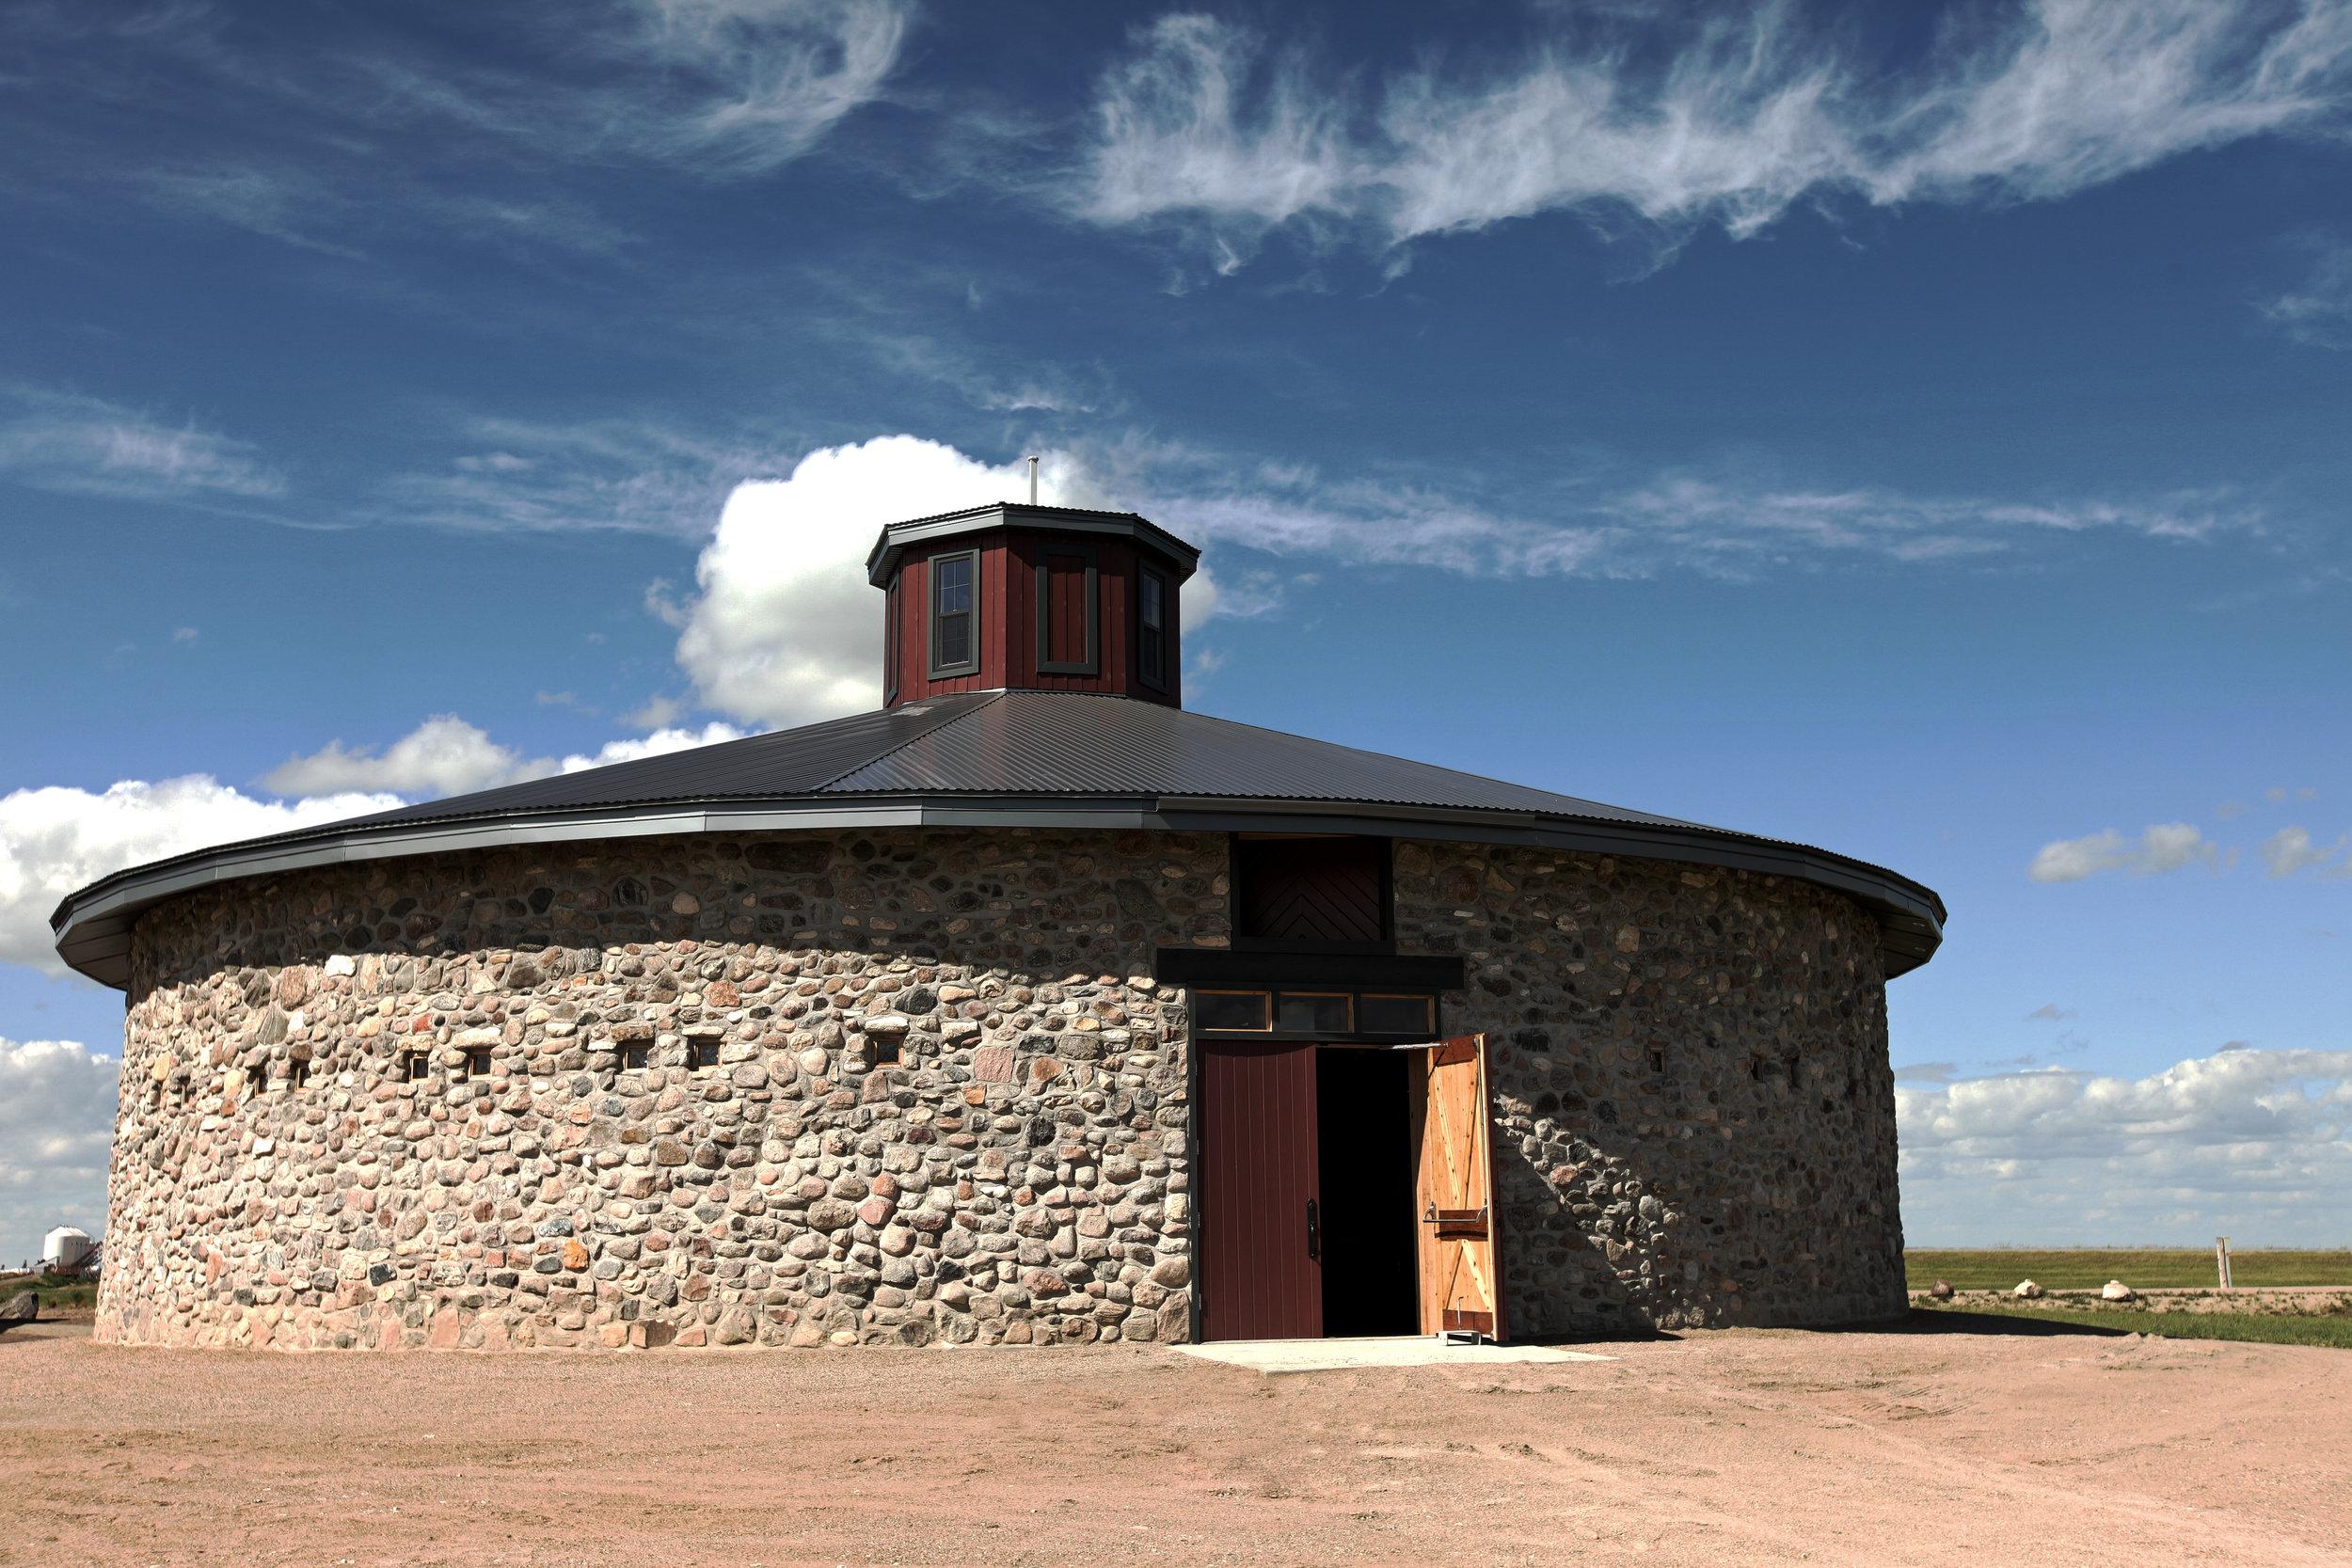 Bell Barn Reconstruction - Indian Head, SK